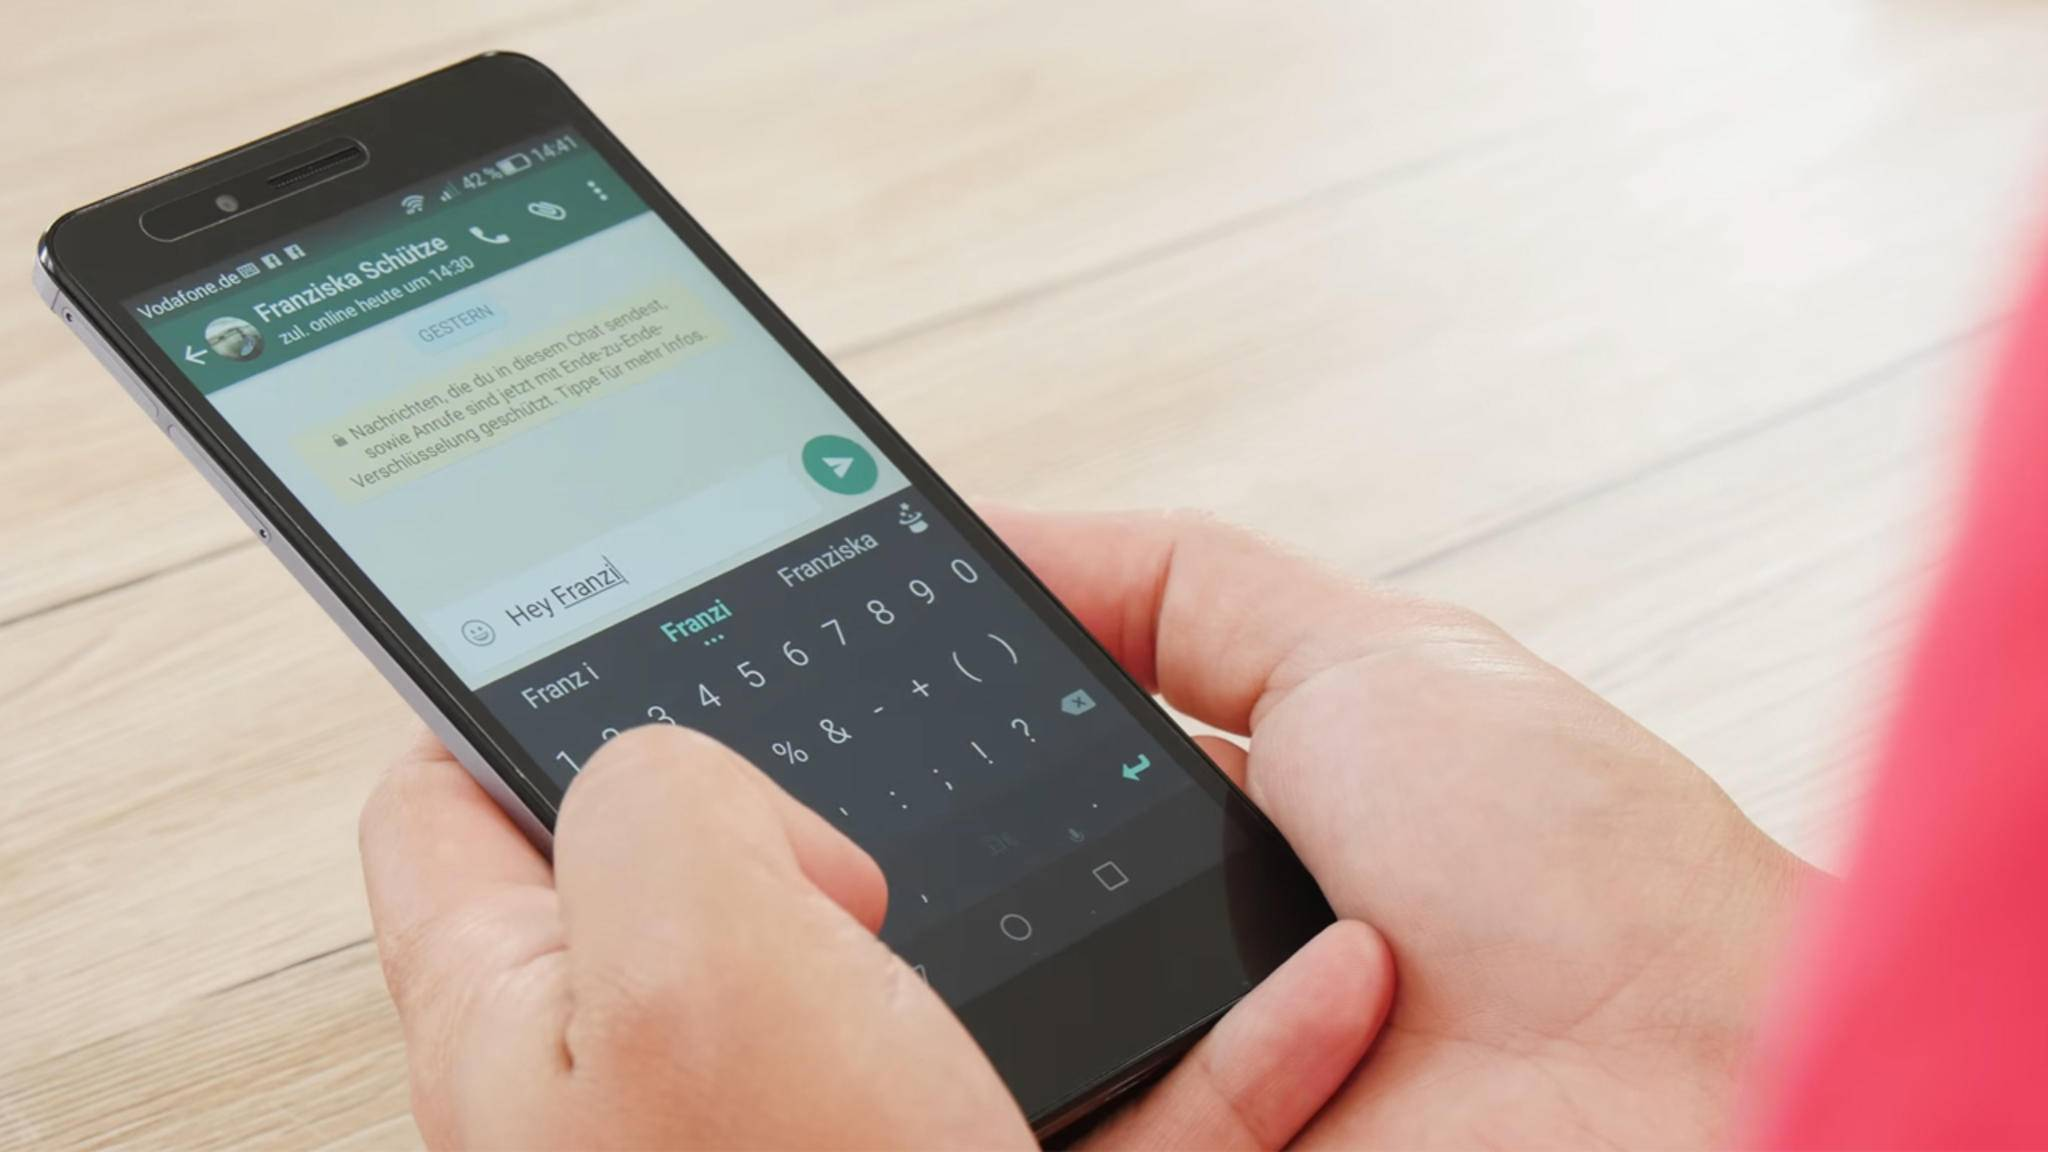 WhatsApp-Probleme nerven! Hier findest Du mögliche Lösungsansätze für die gängigsten Fehler.